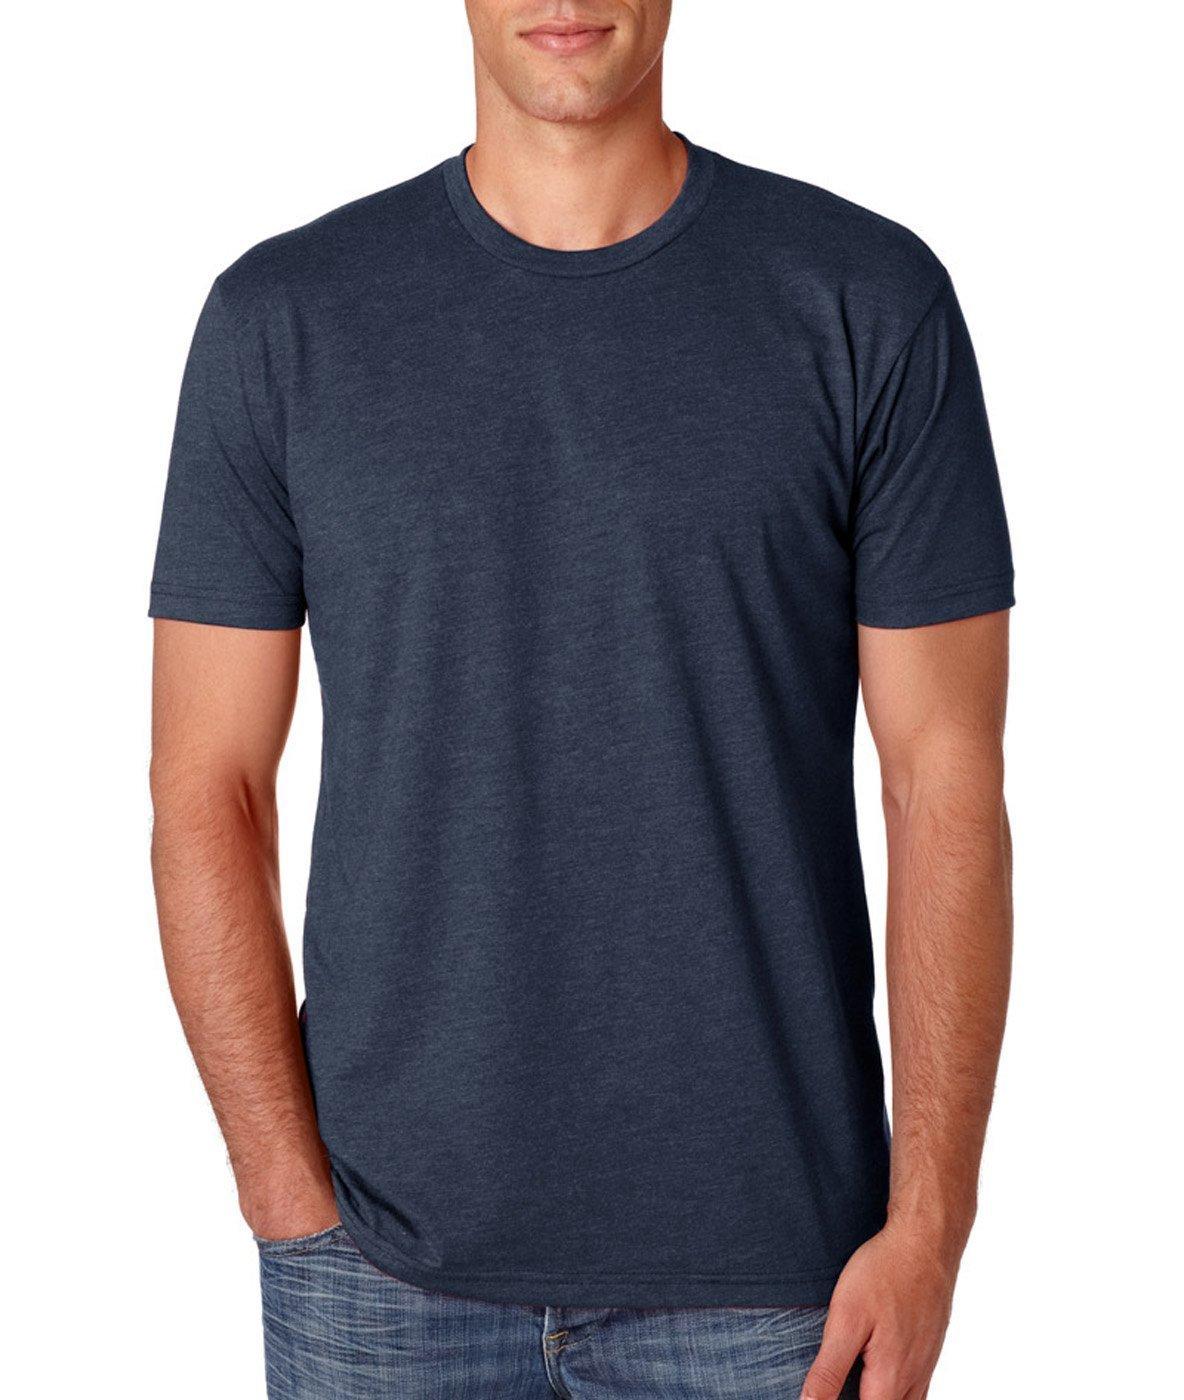 Next Level N6210 T-Shirt, Charcoal + Midnight Navy (2 Shirts), Medium